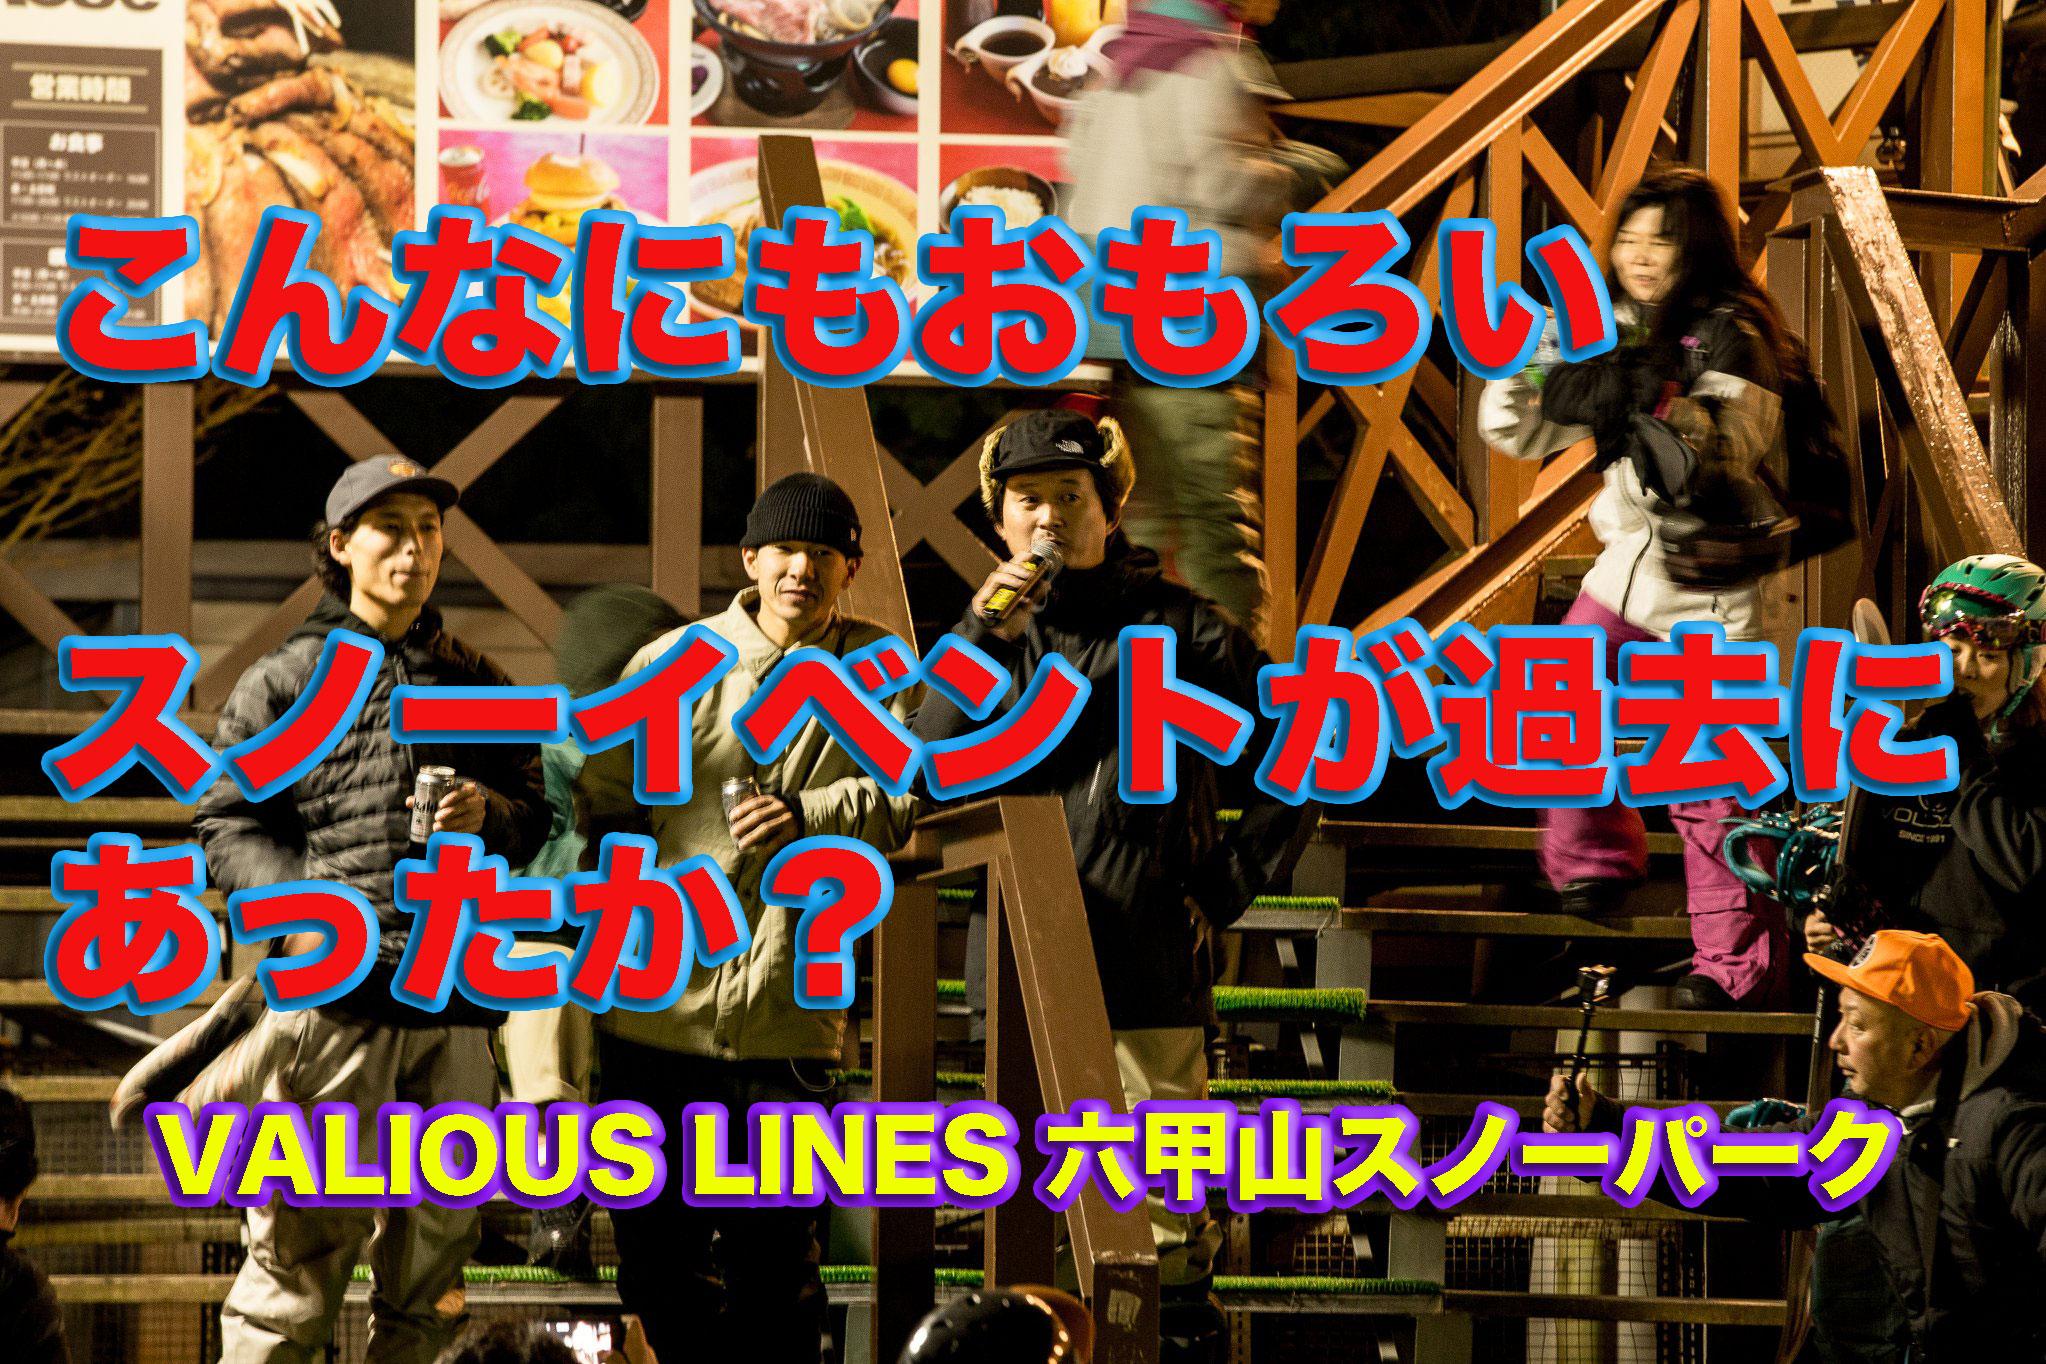 六甲山スノーパークに一夜限り誕生したスノーパークVARIOUS LINESがとんでもなく面白かった。